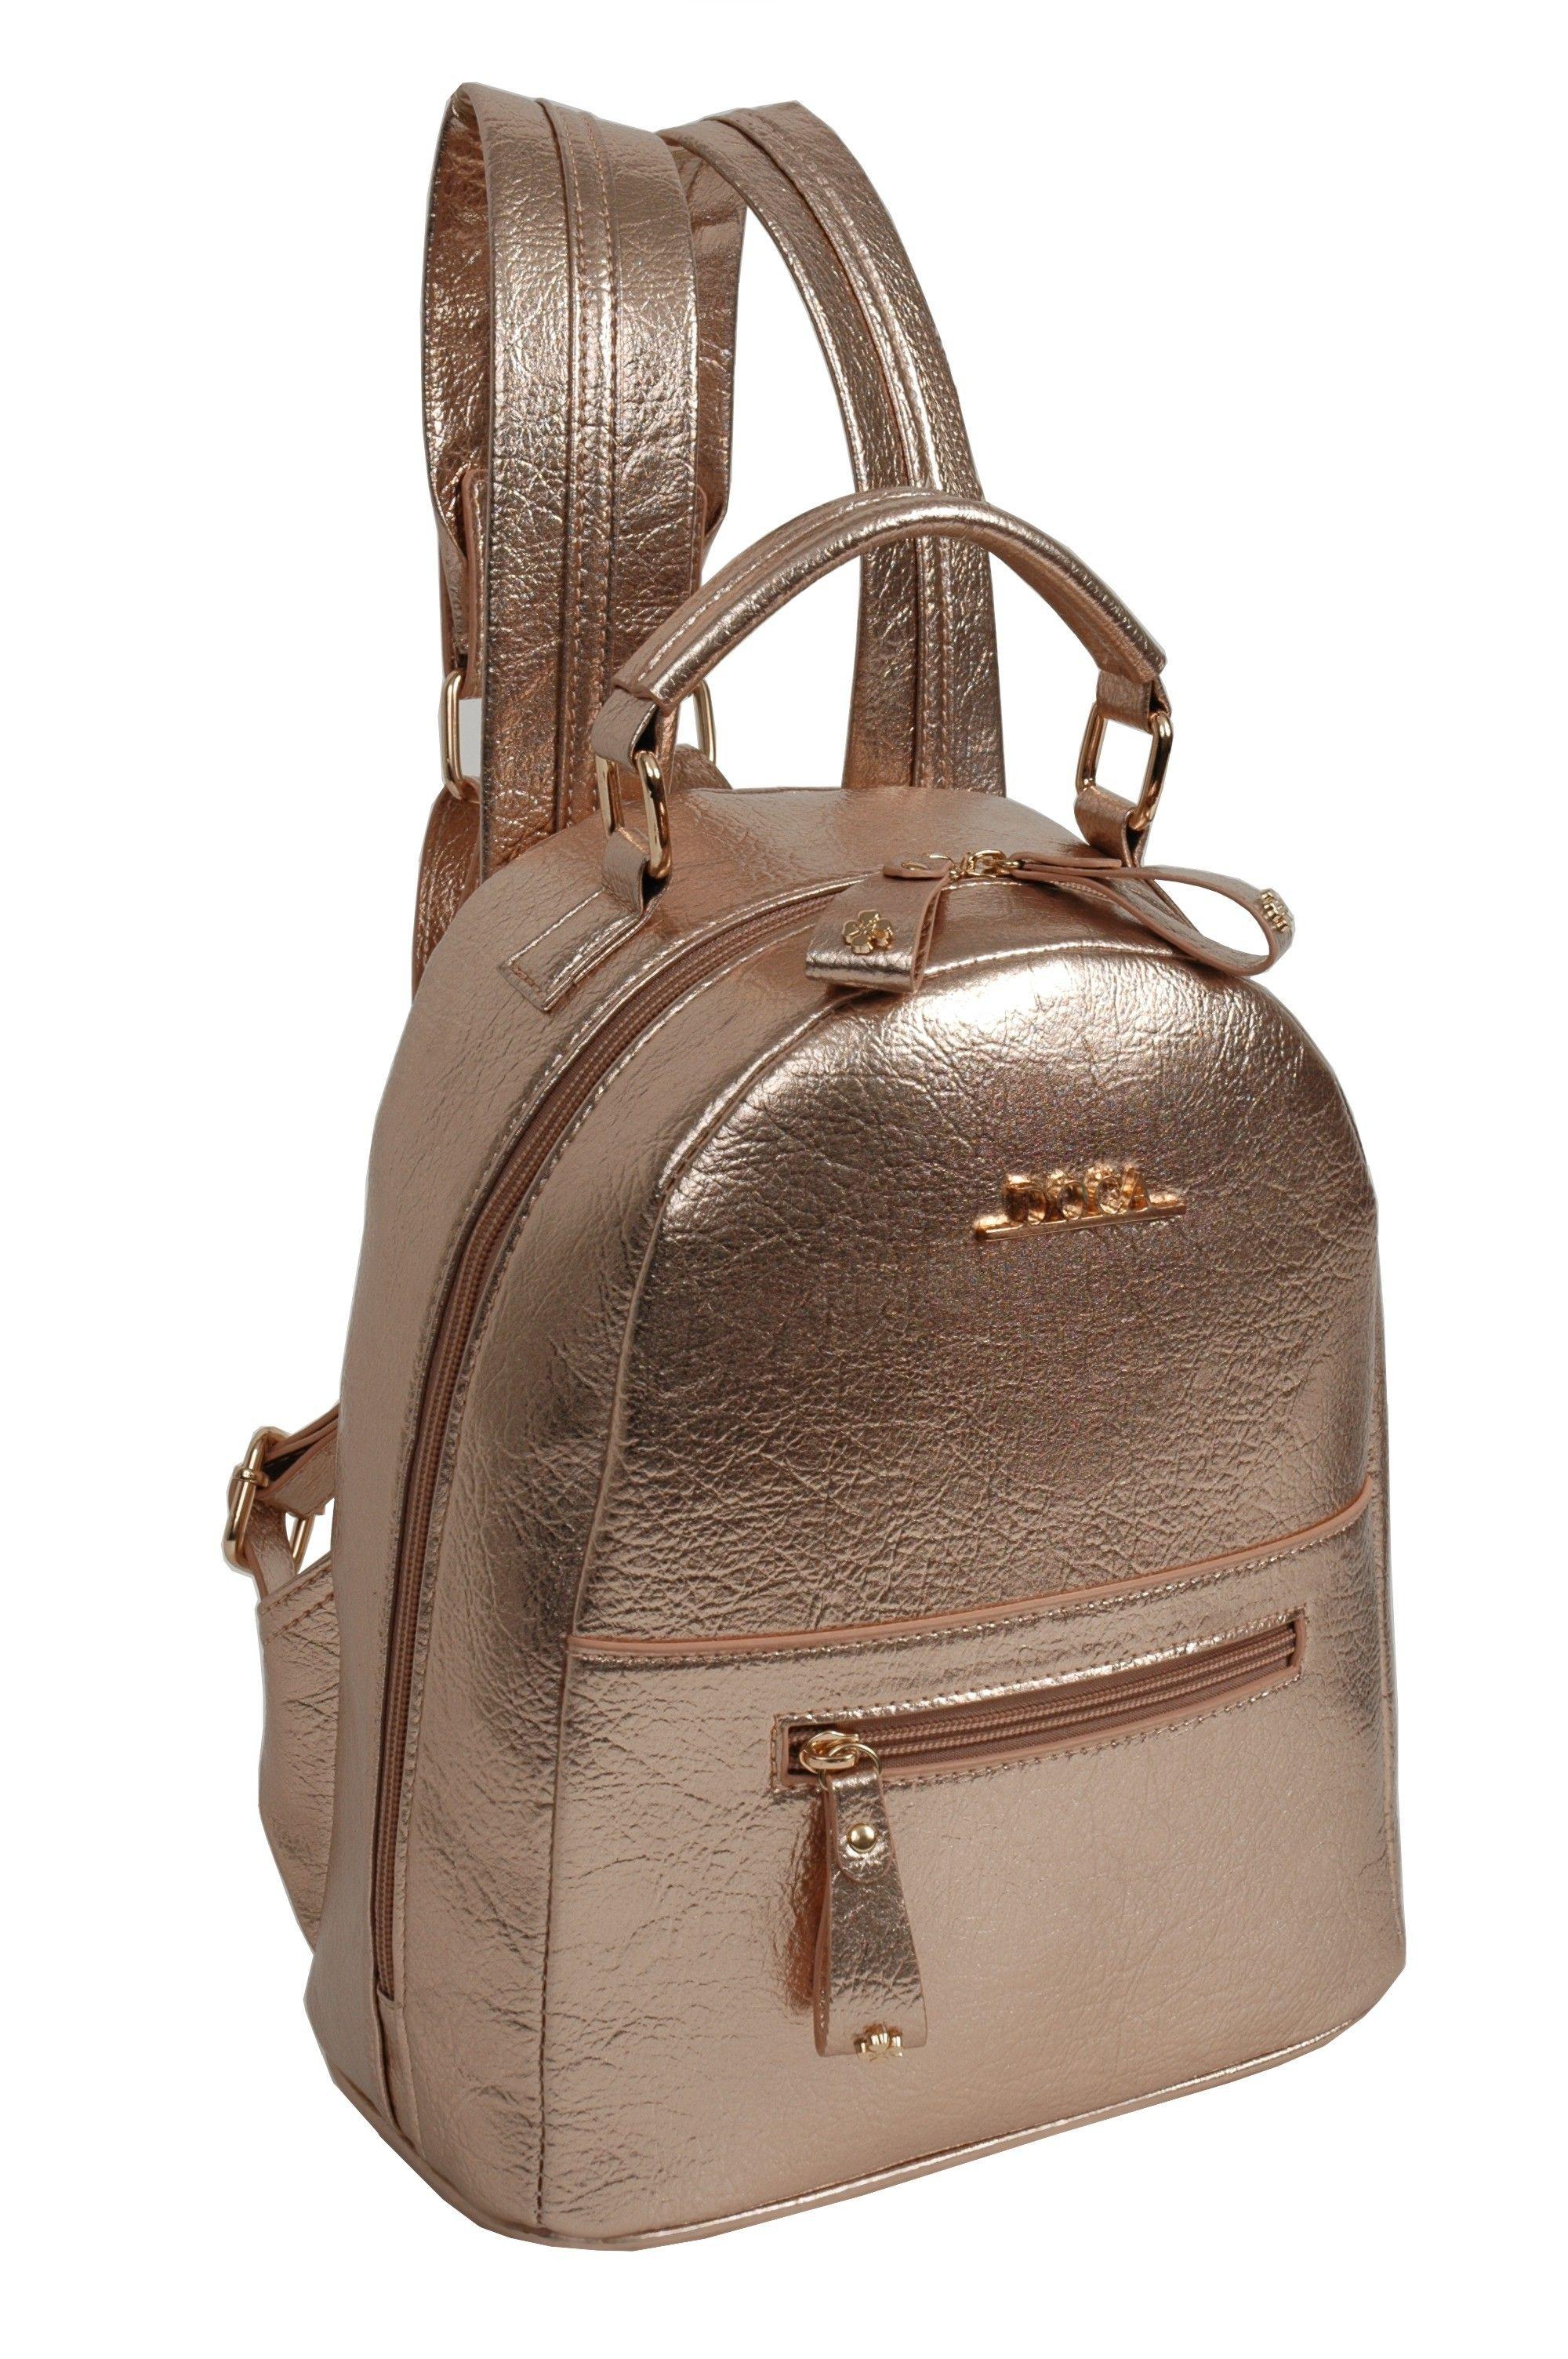 3514ac27a7 Doca stylový bronzový batoh - Originální metalický batoh od řecké značky  Doca. Nádherný